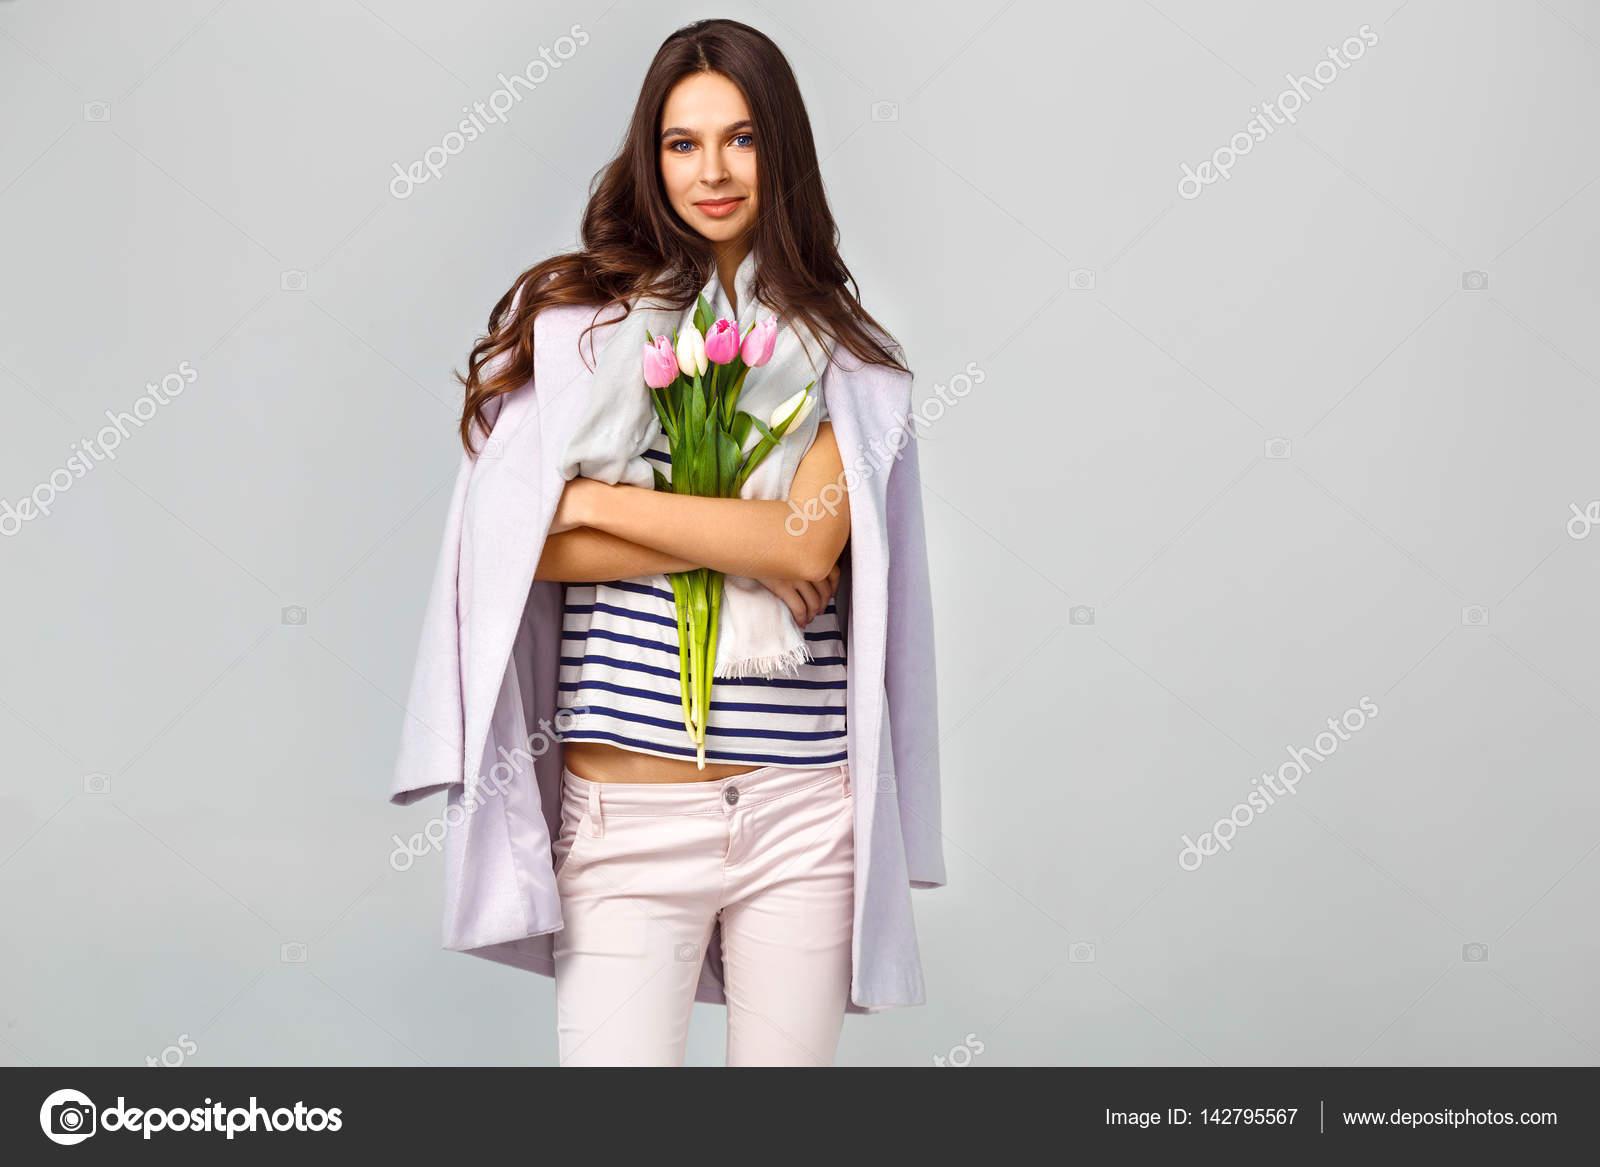 Con Joven Mano Una Foto Moda De En Su Hermosa Mujer Tulipanes nvXwYHqw